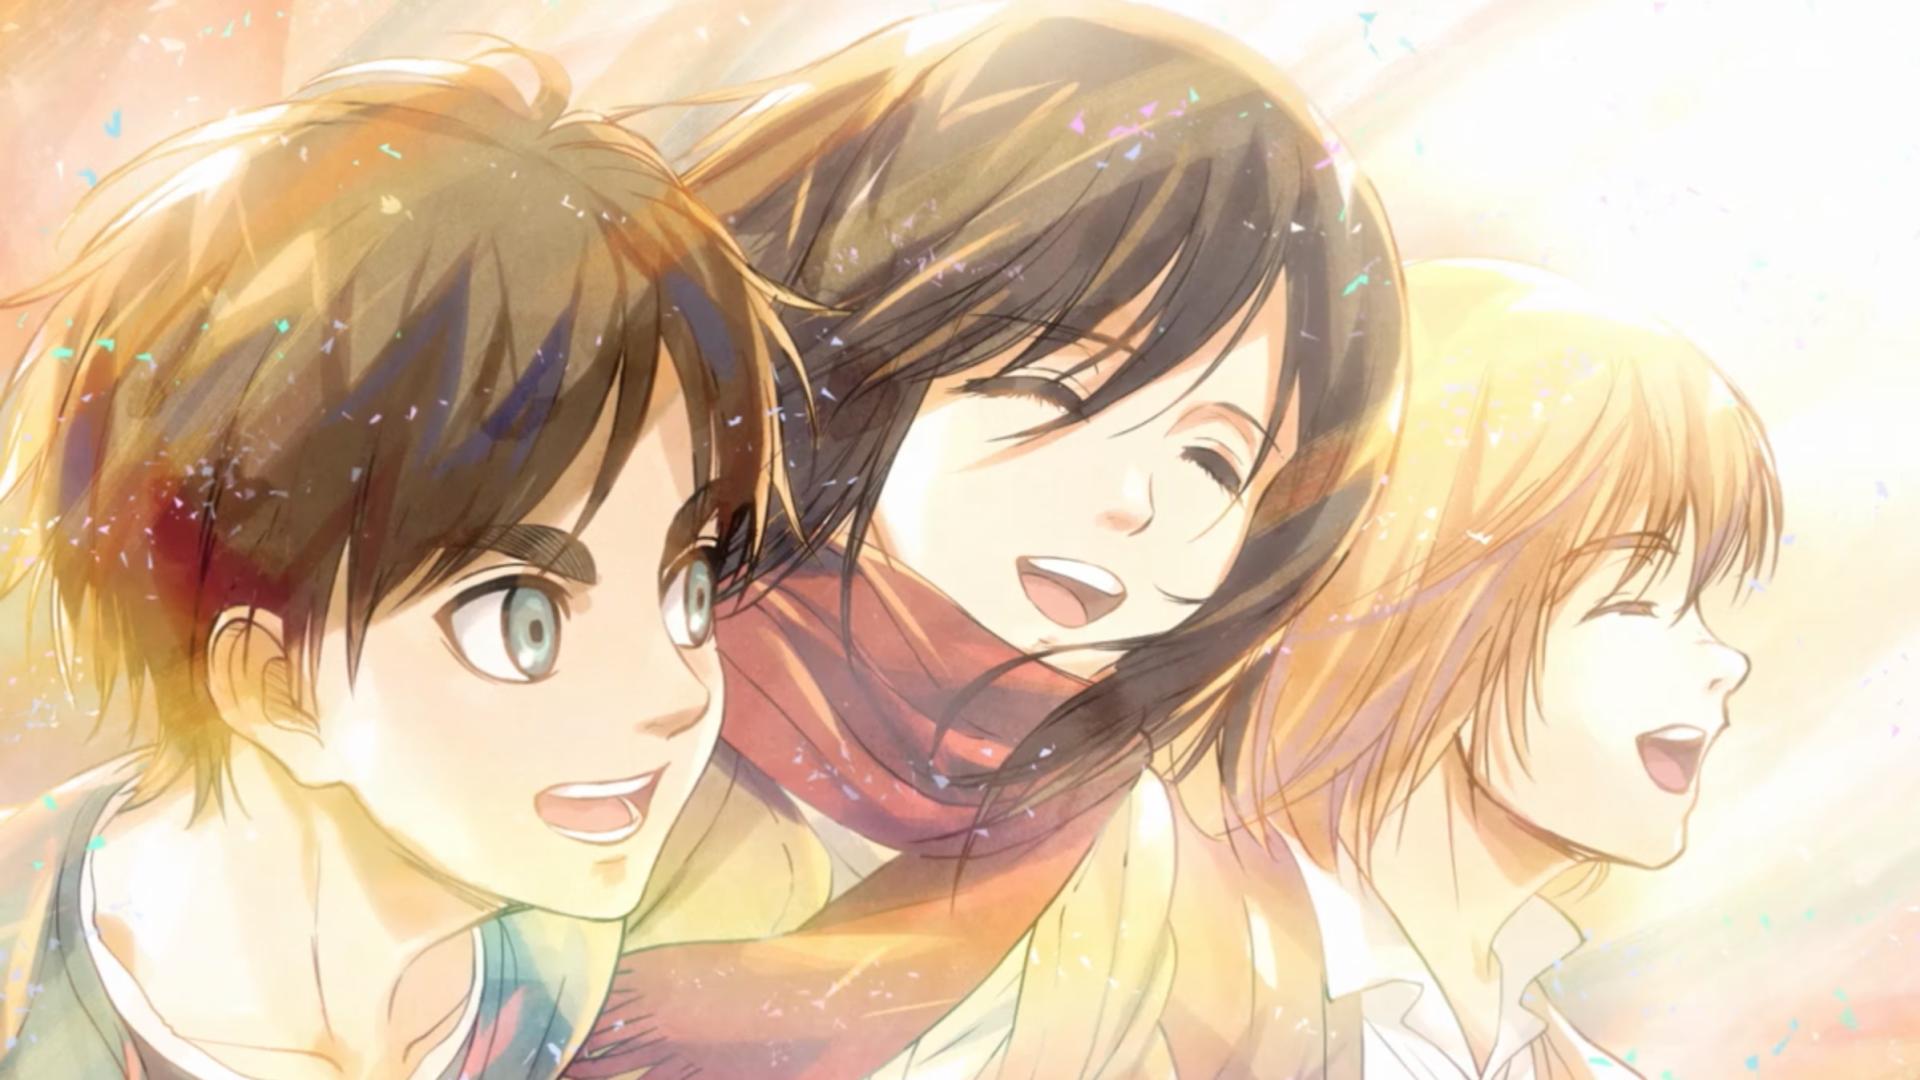 Mikasa Ackerman Wallpaper Hd Posted By Samantha Mercado